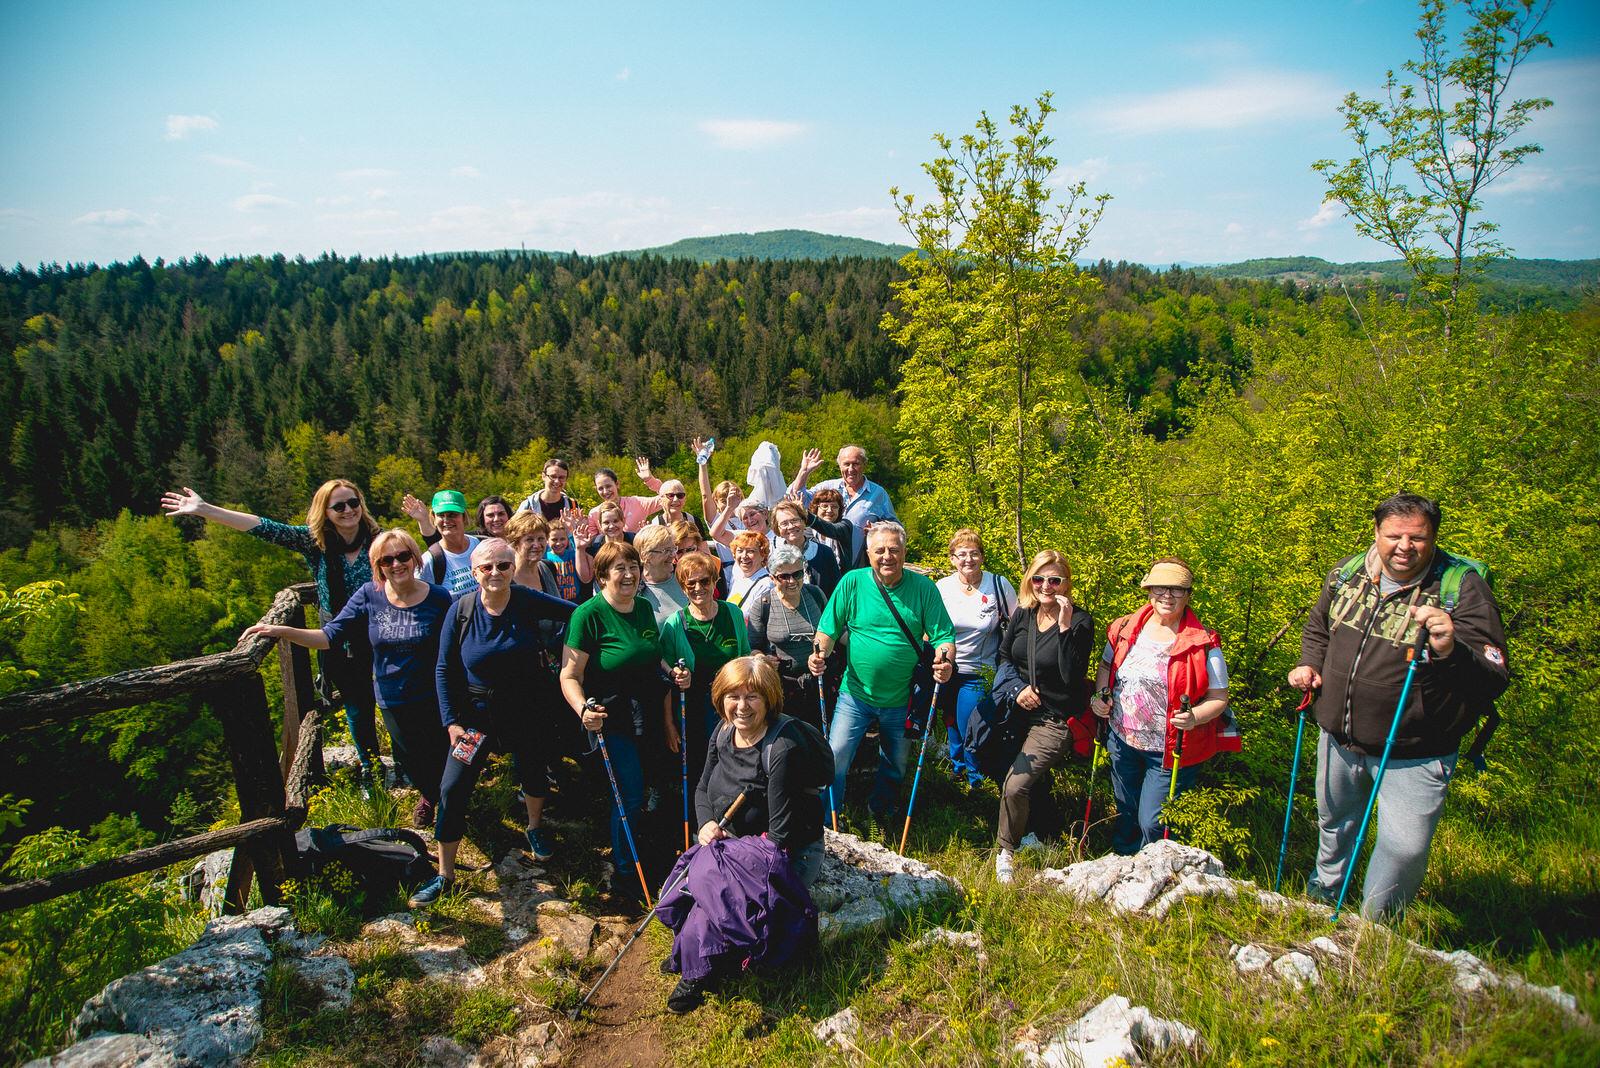 likaclub_slunj_rastoke_5-festival-nordijskog-hodanja_2019-76